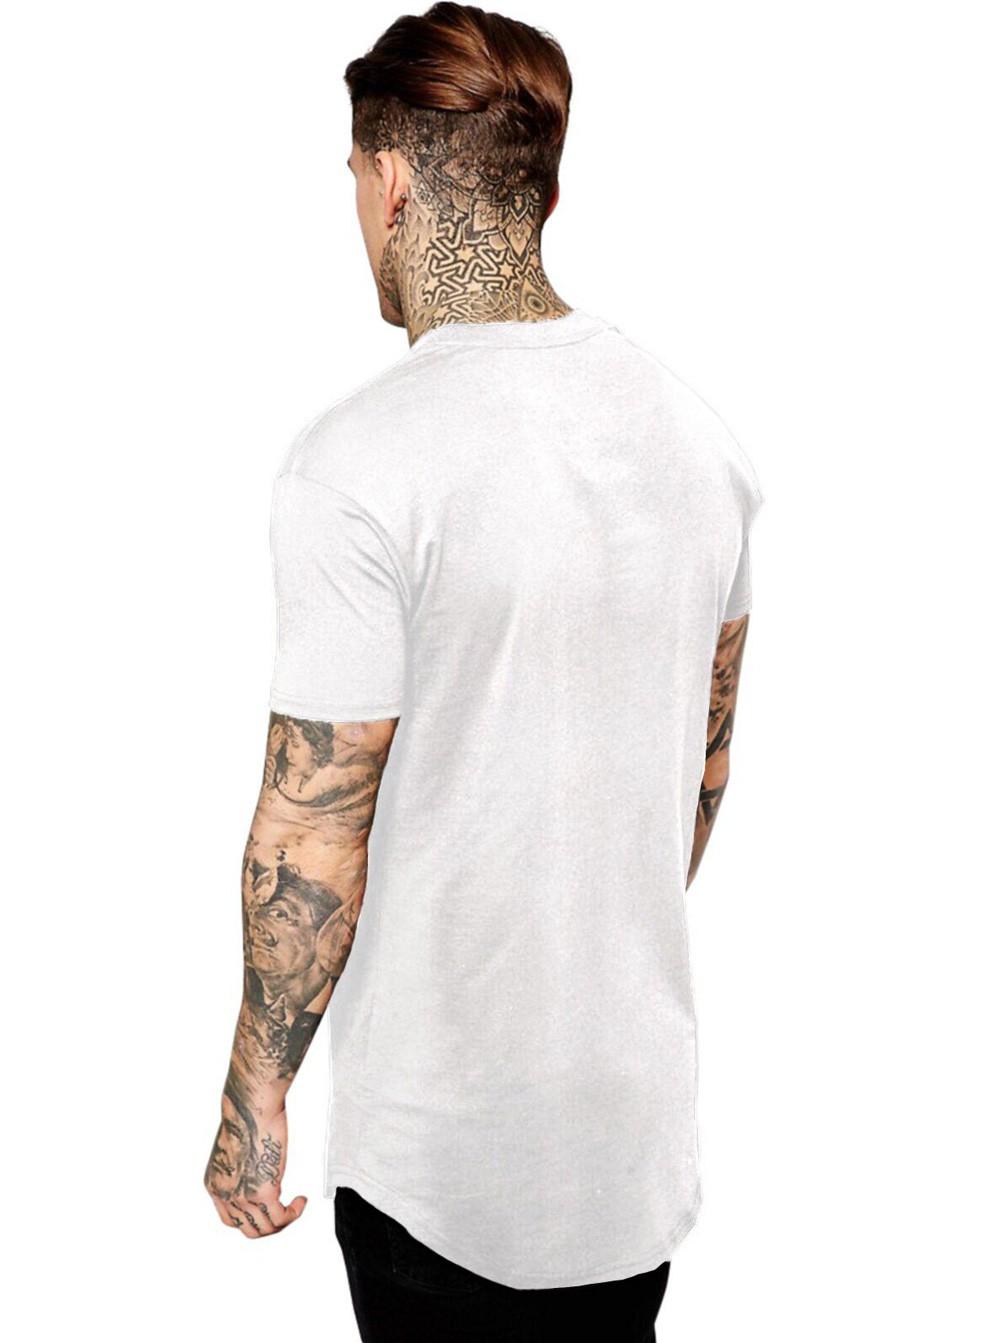 Camiseta Masculina Oversized Long Line Jesus Loves You ES_058